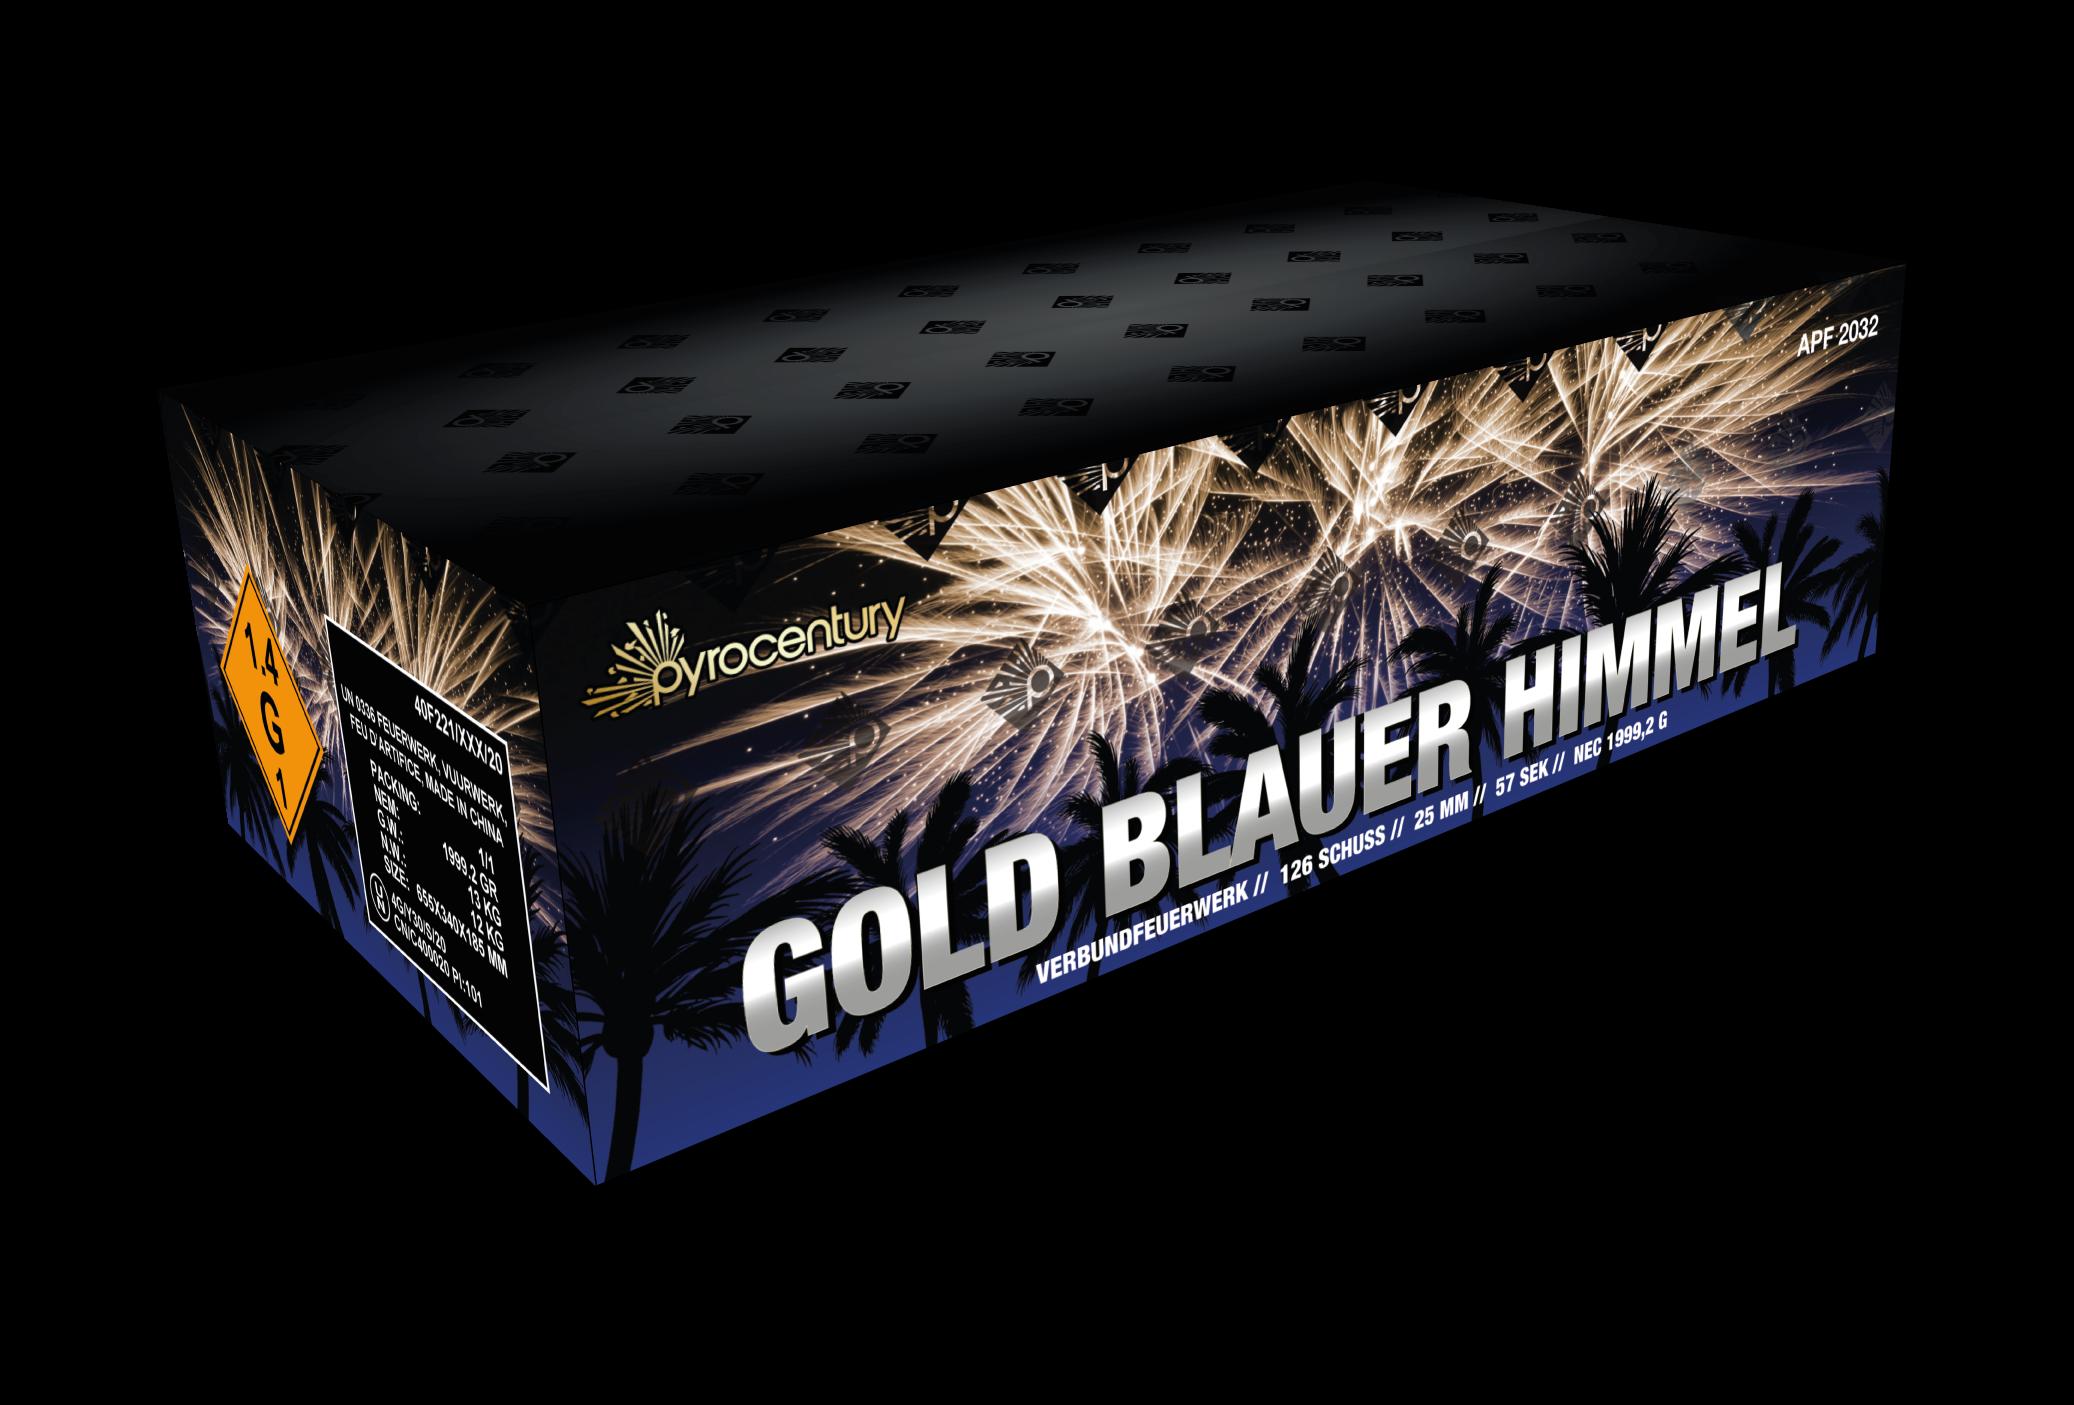 Pyrocentury Gold Blauer Himmel 126 Schots Compound